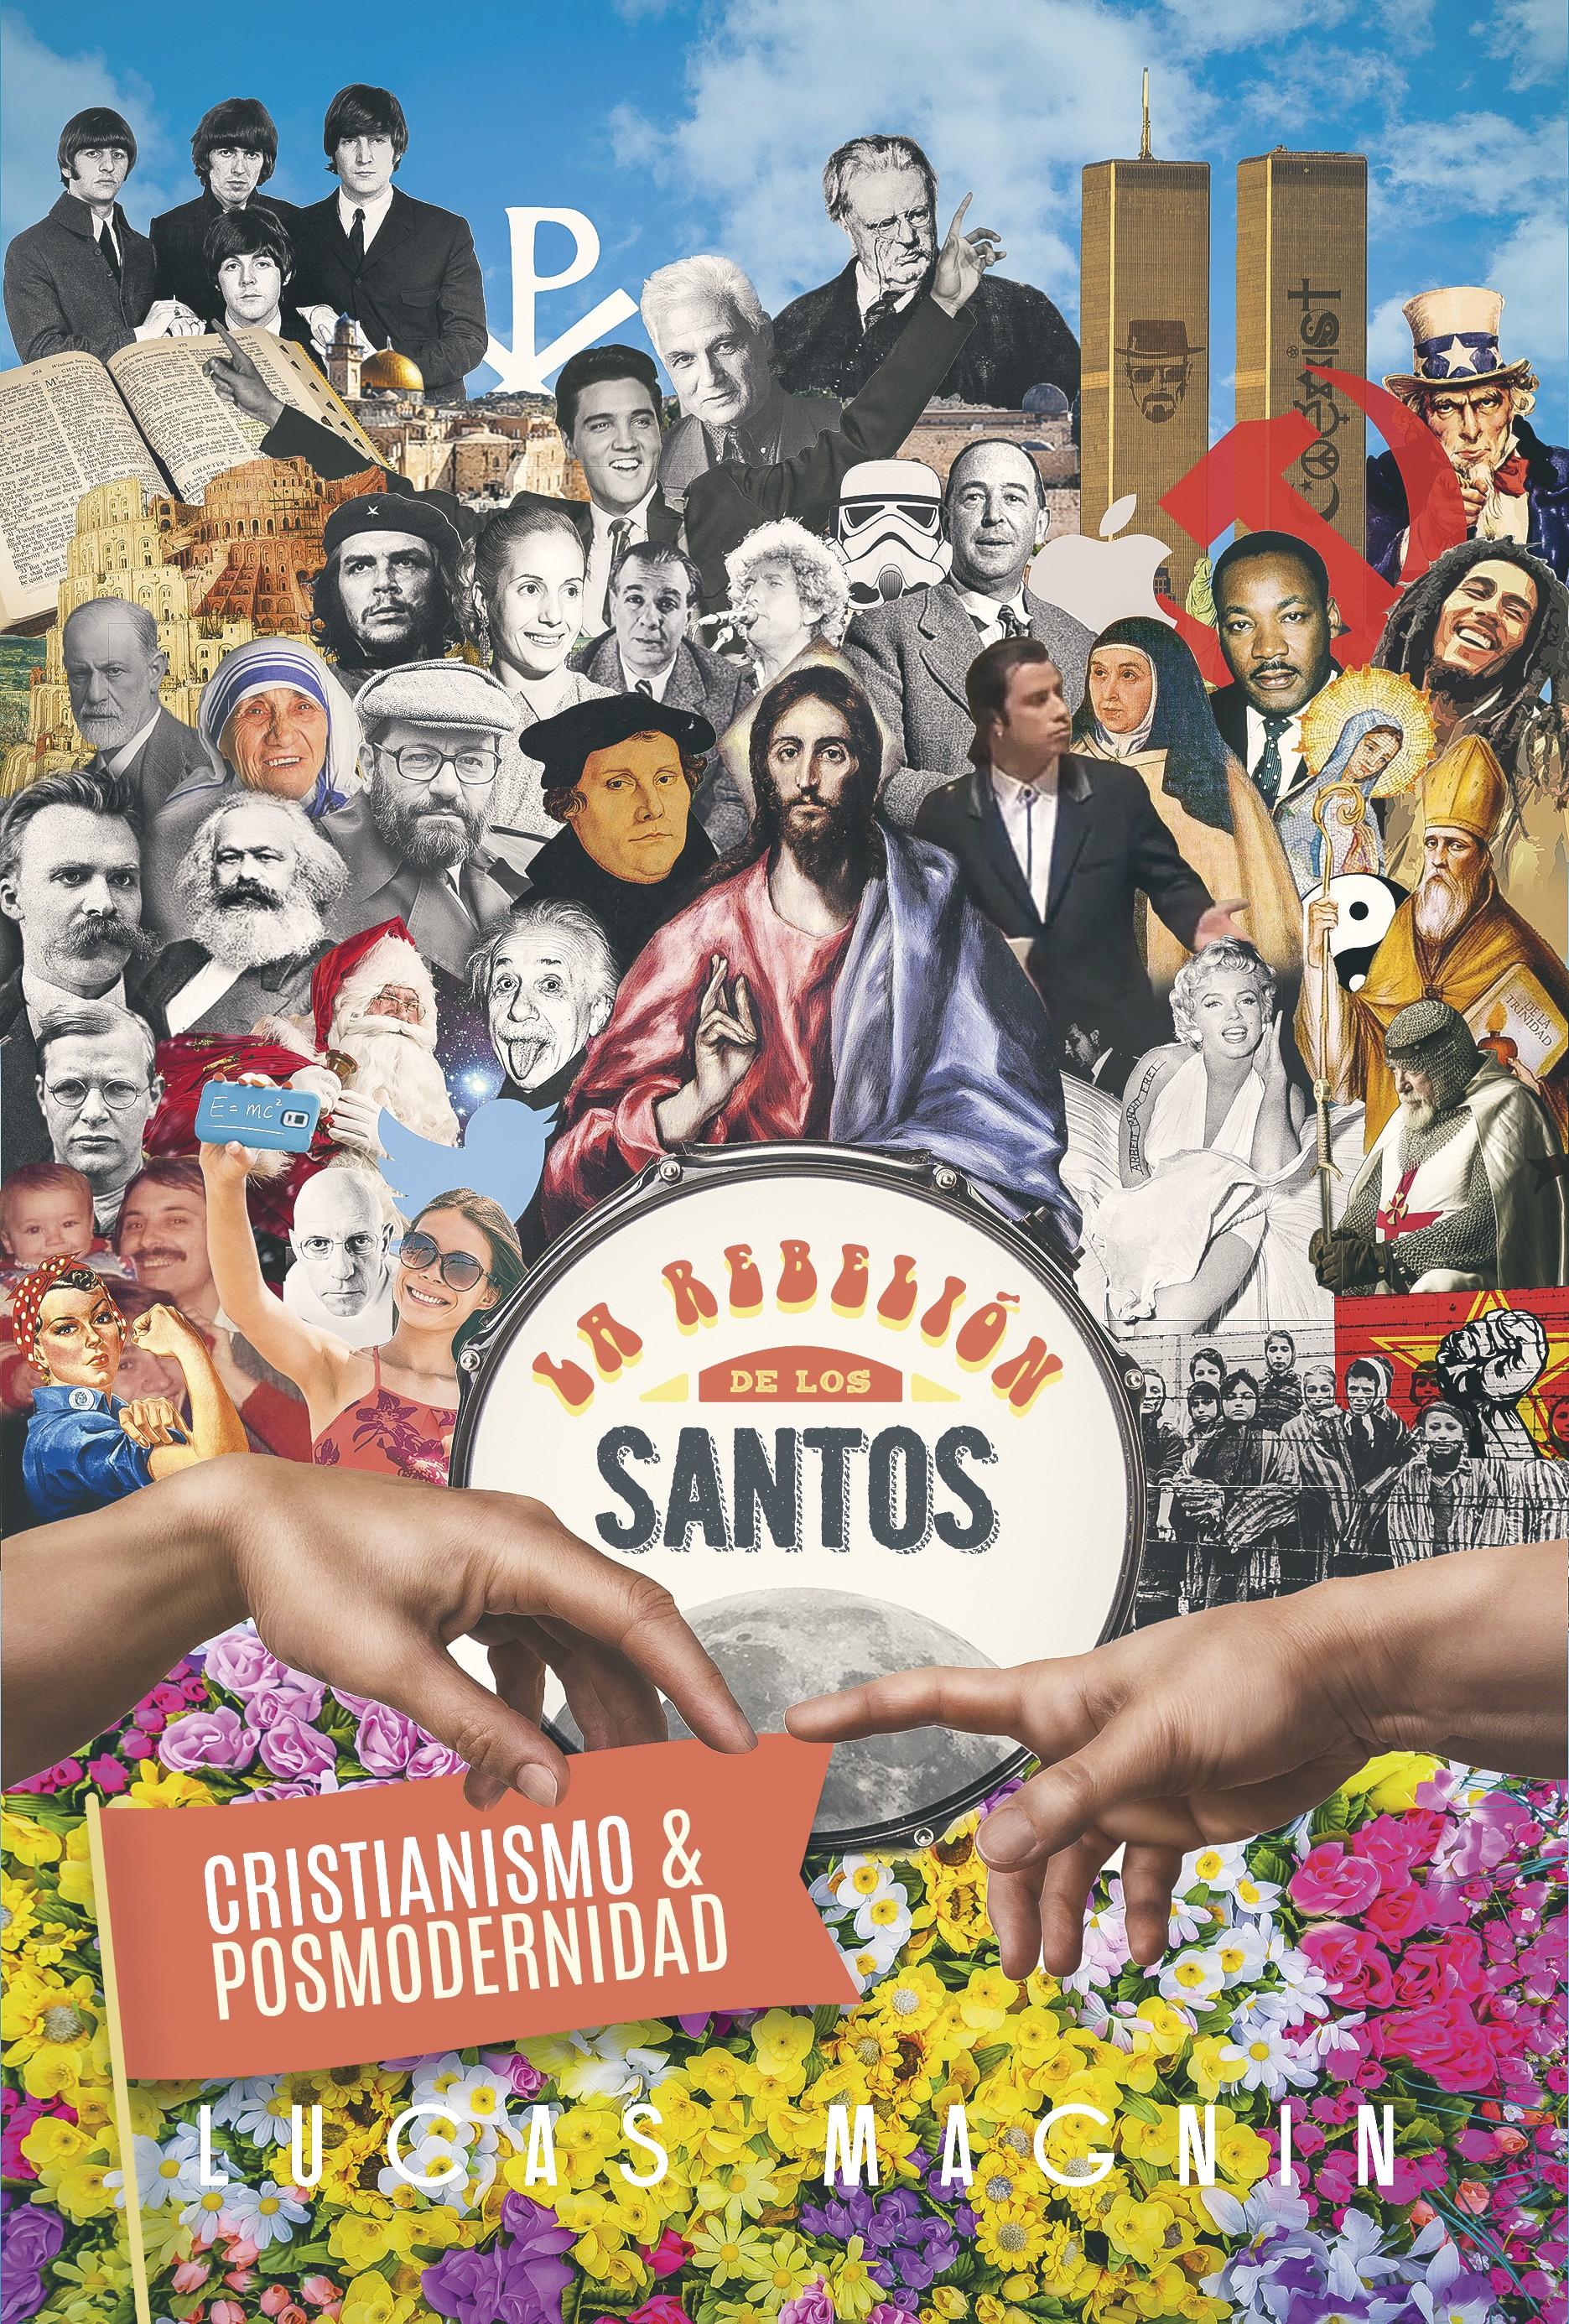 Cristianismo y posmodernidad